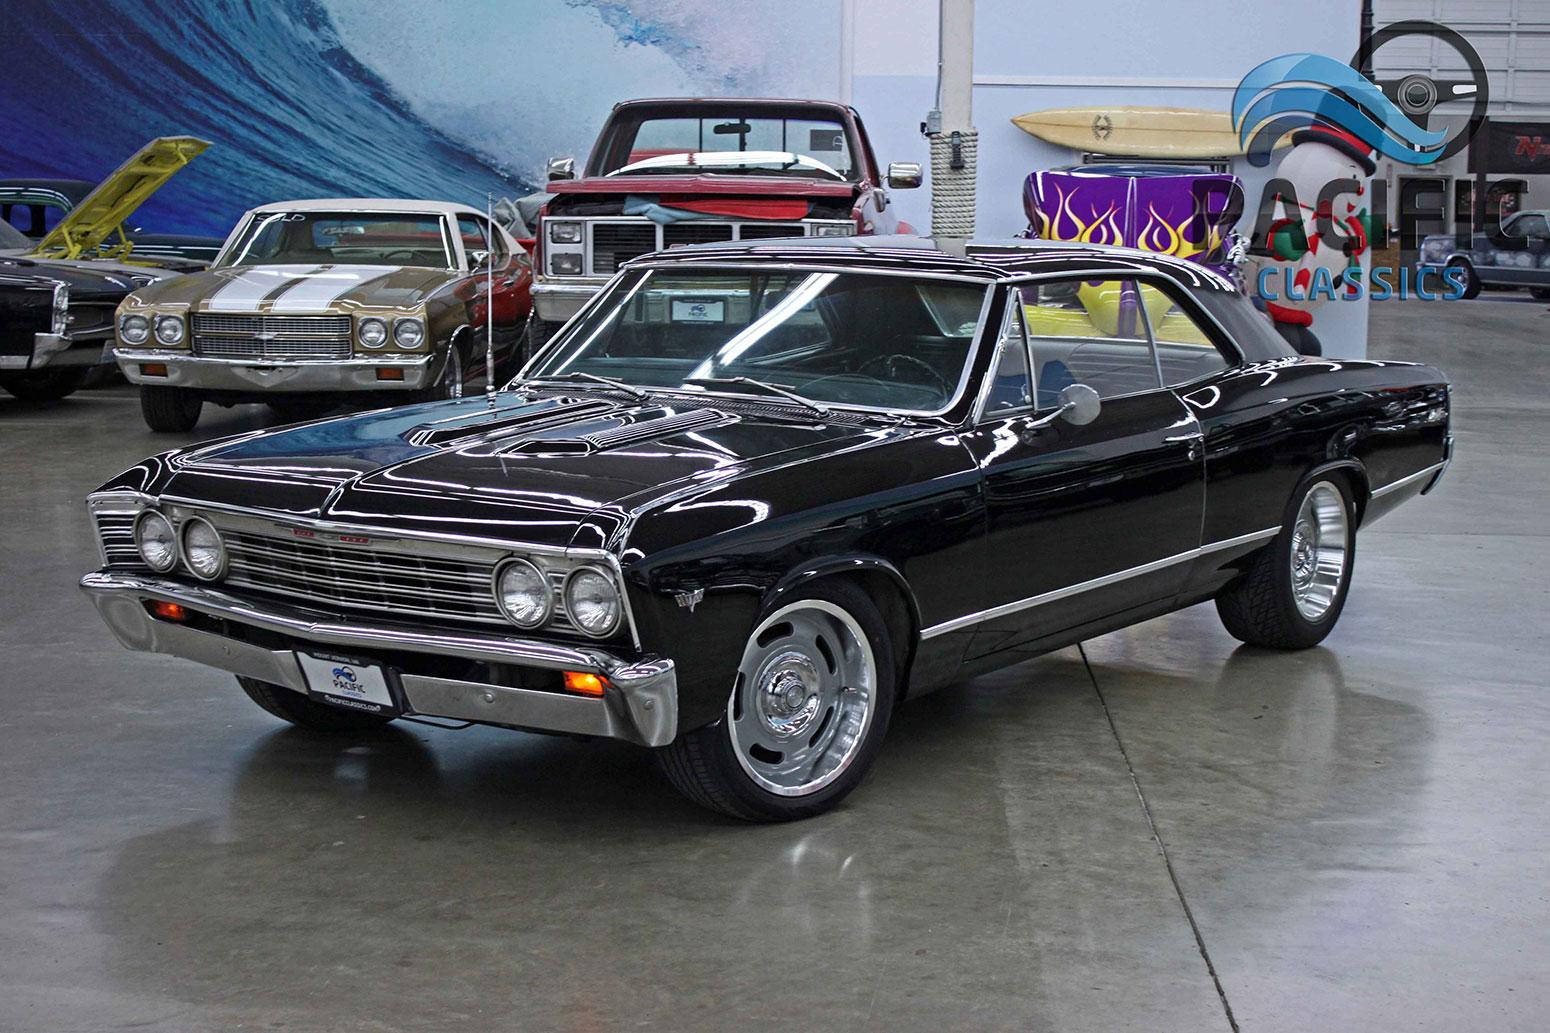 1967 Chevrolet Chevelle Black